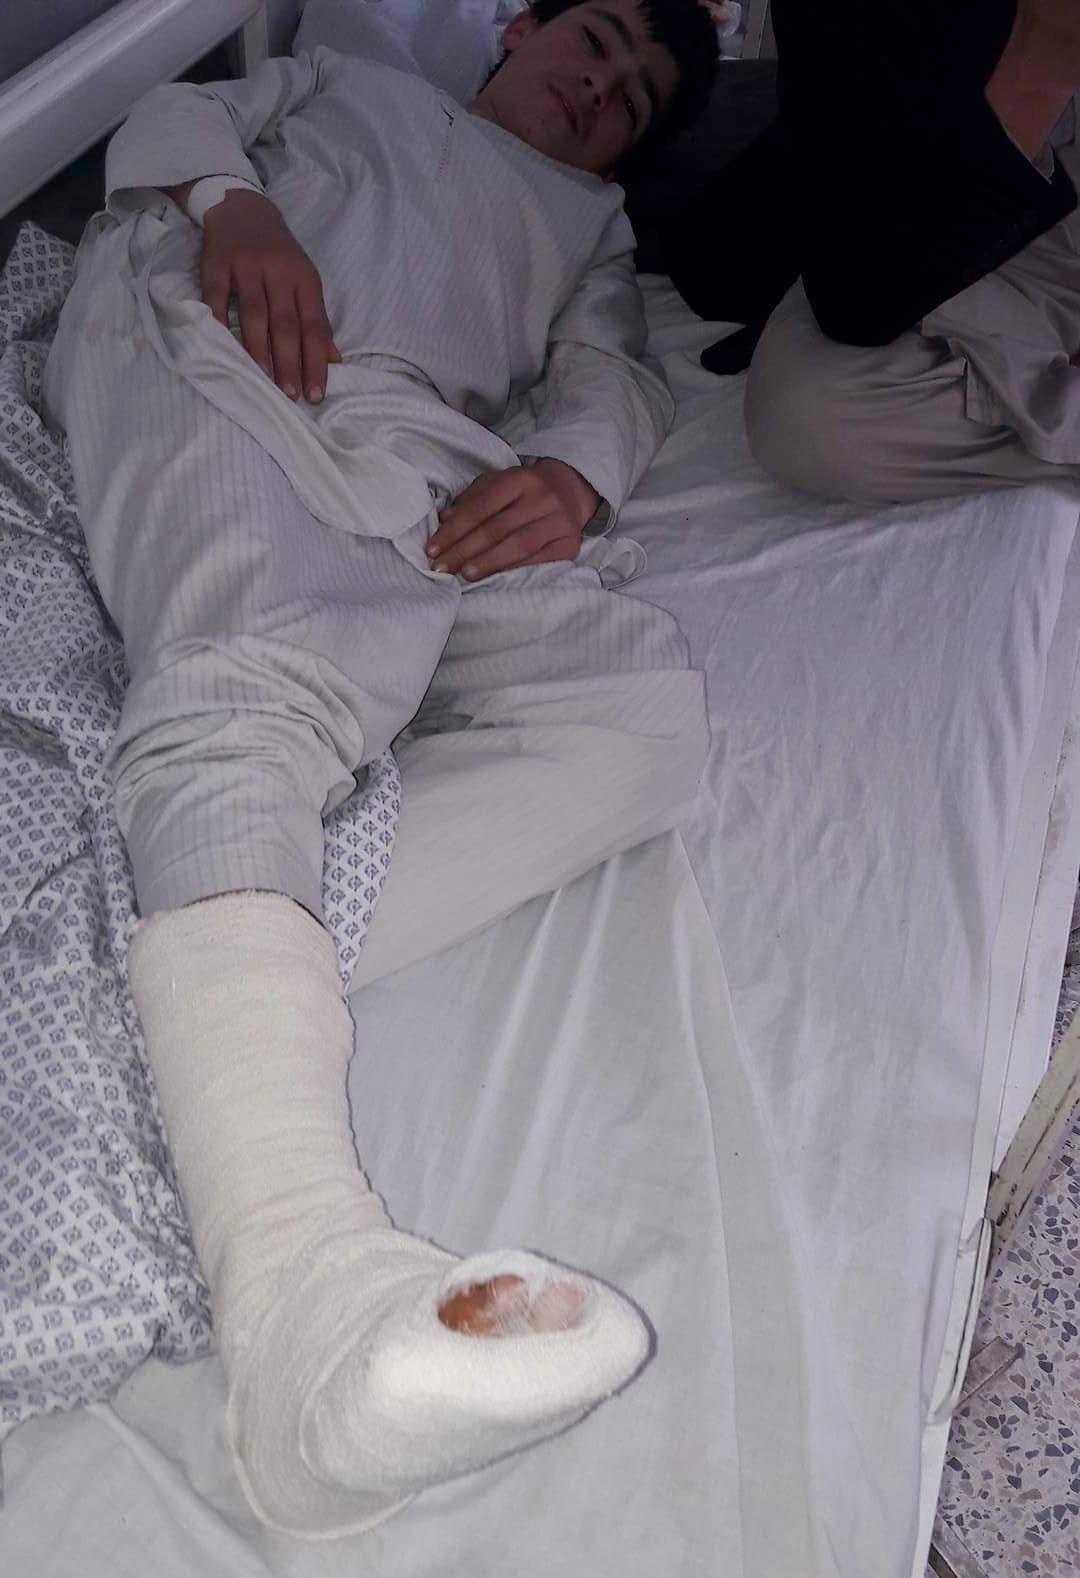 Mirzads Bruder - musste nach dem Angriff der Taliban eine Woche im Spital bleiben